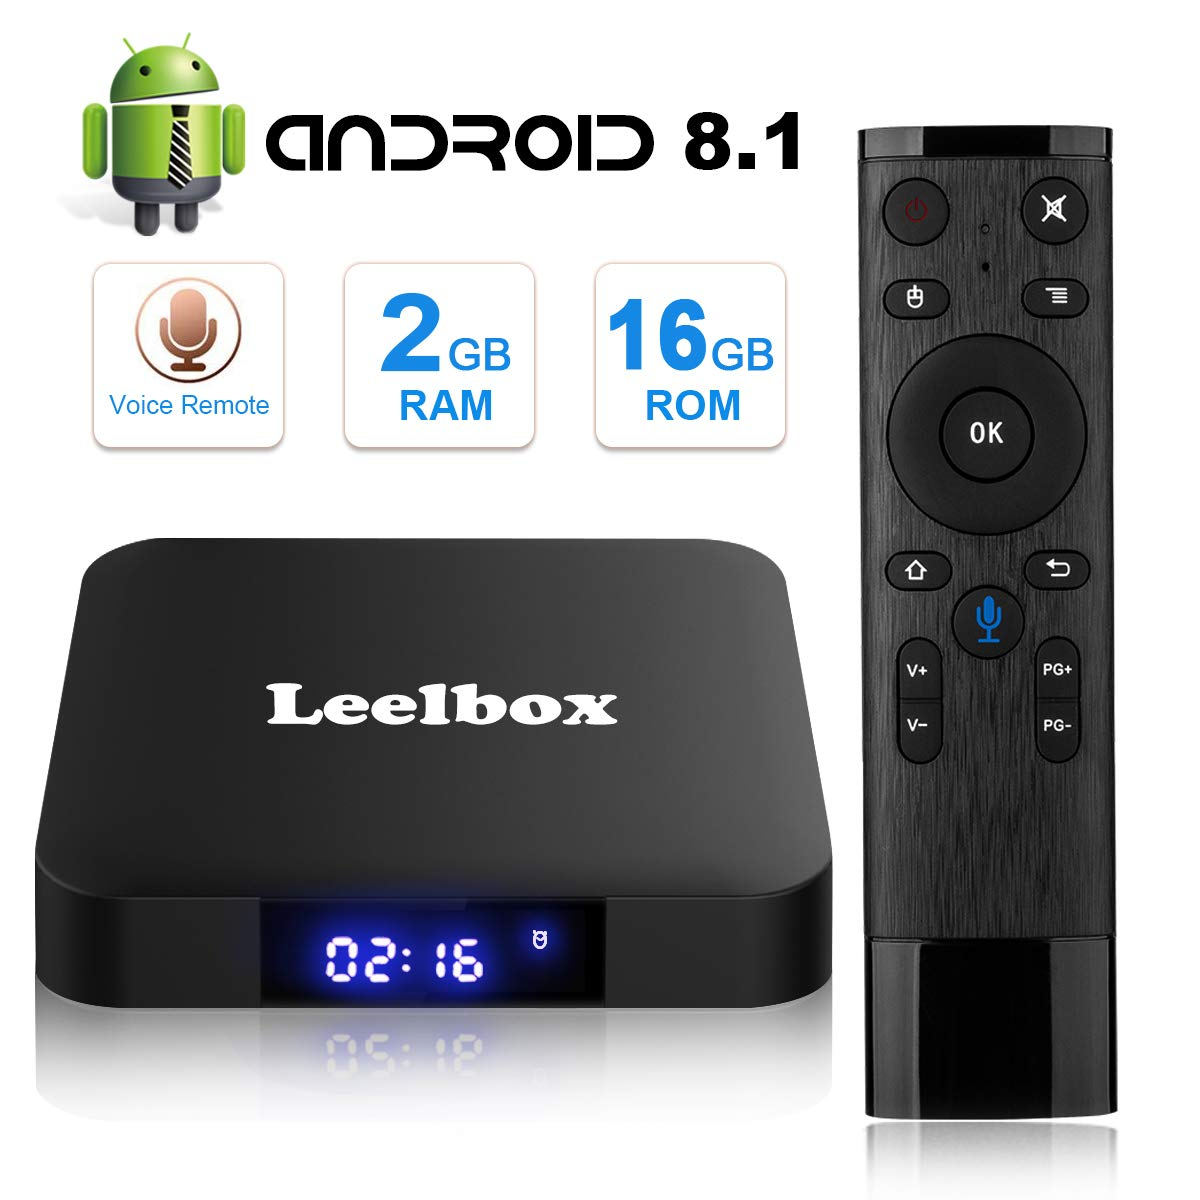 tv box android 8.1 4gb 64 gb telecomando vocale  TV Box Android 8.1 - Leelbox Smart TV Box con Telecomando Vocale ...